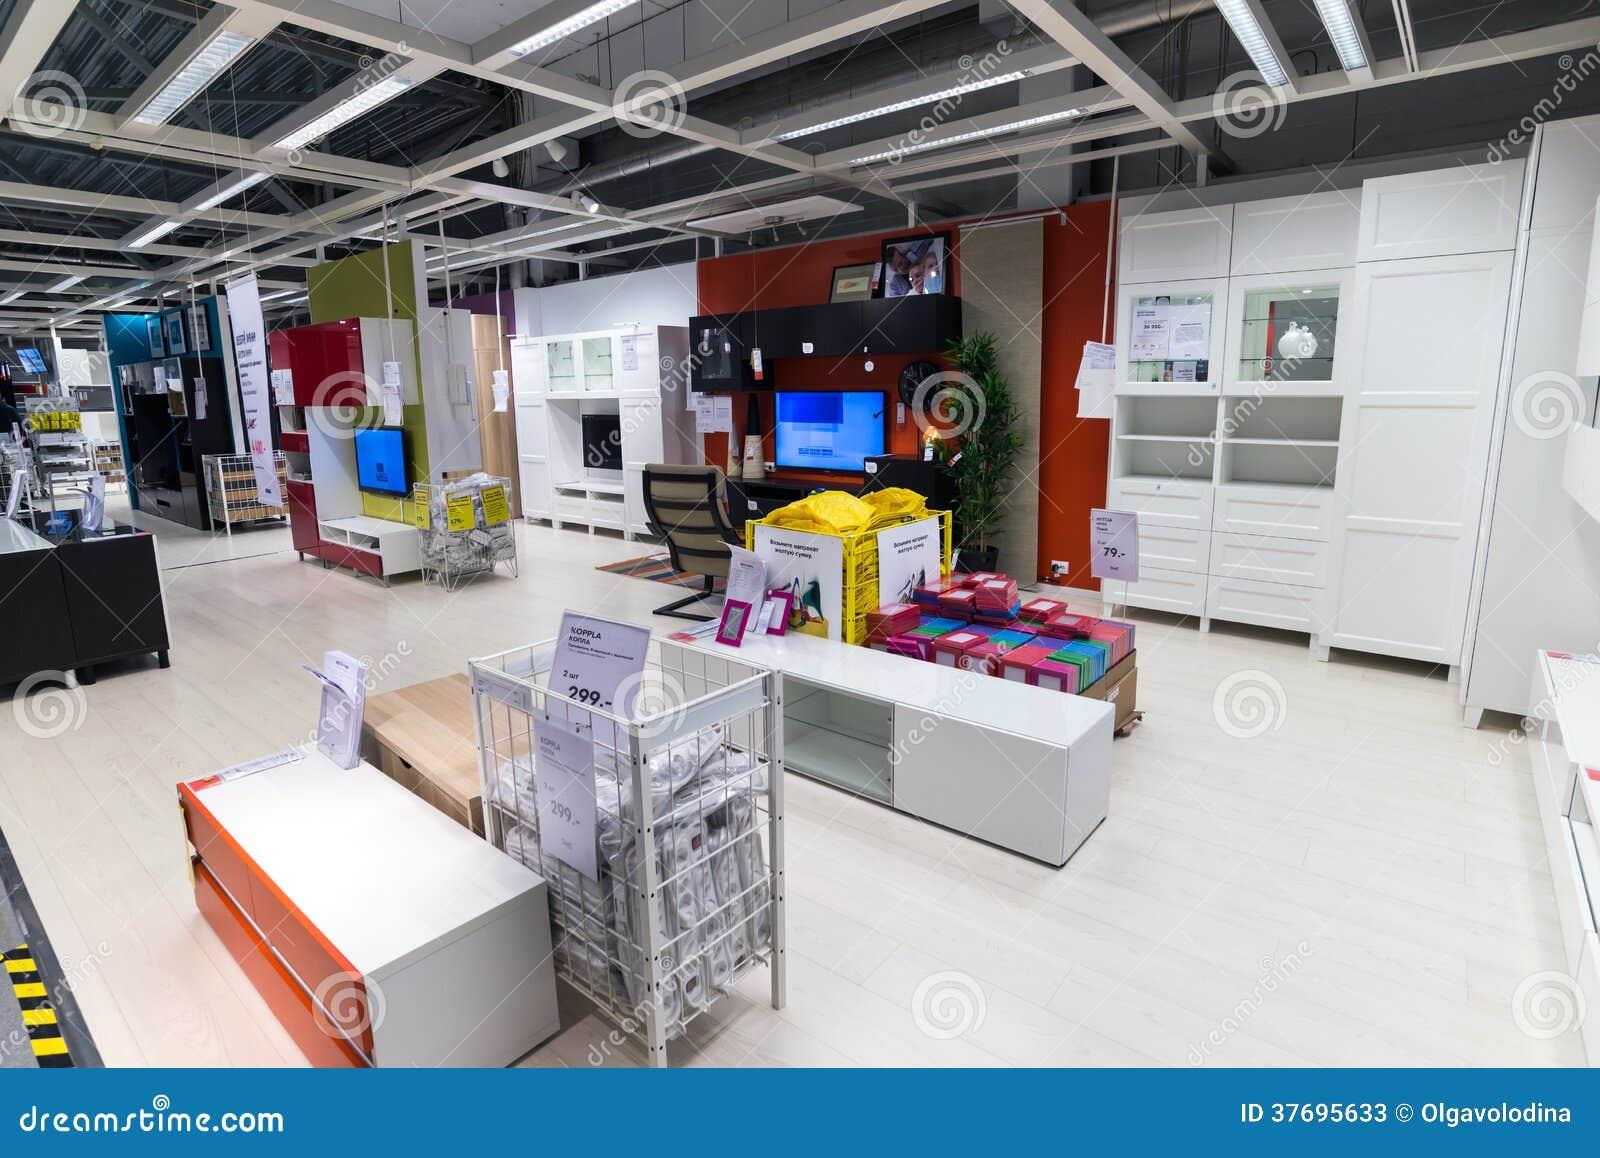 tienda de muebles interior ikea foto de archivo editorial imagen 37695633. Black Bedroom Furniture Sets. Home Design Ideas